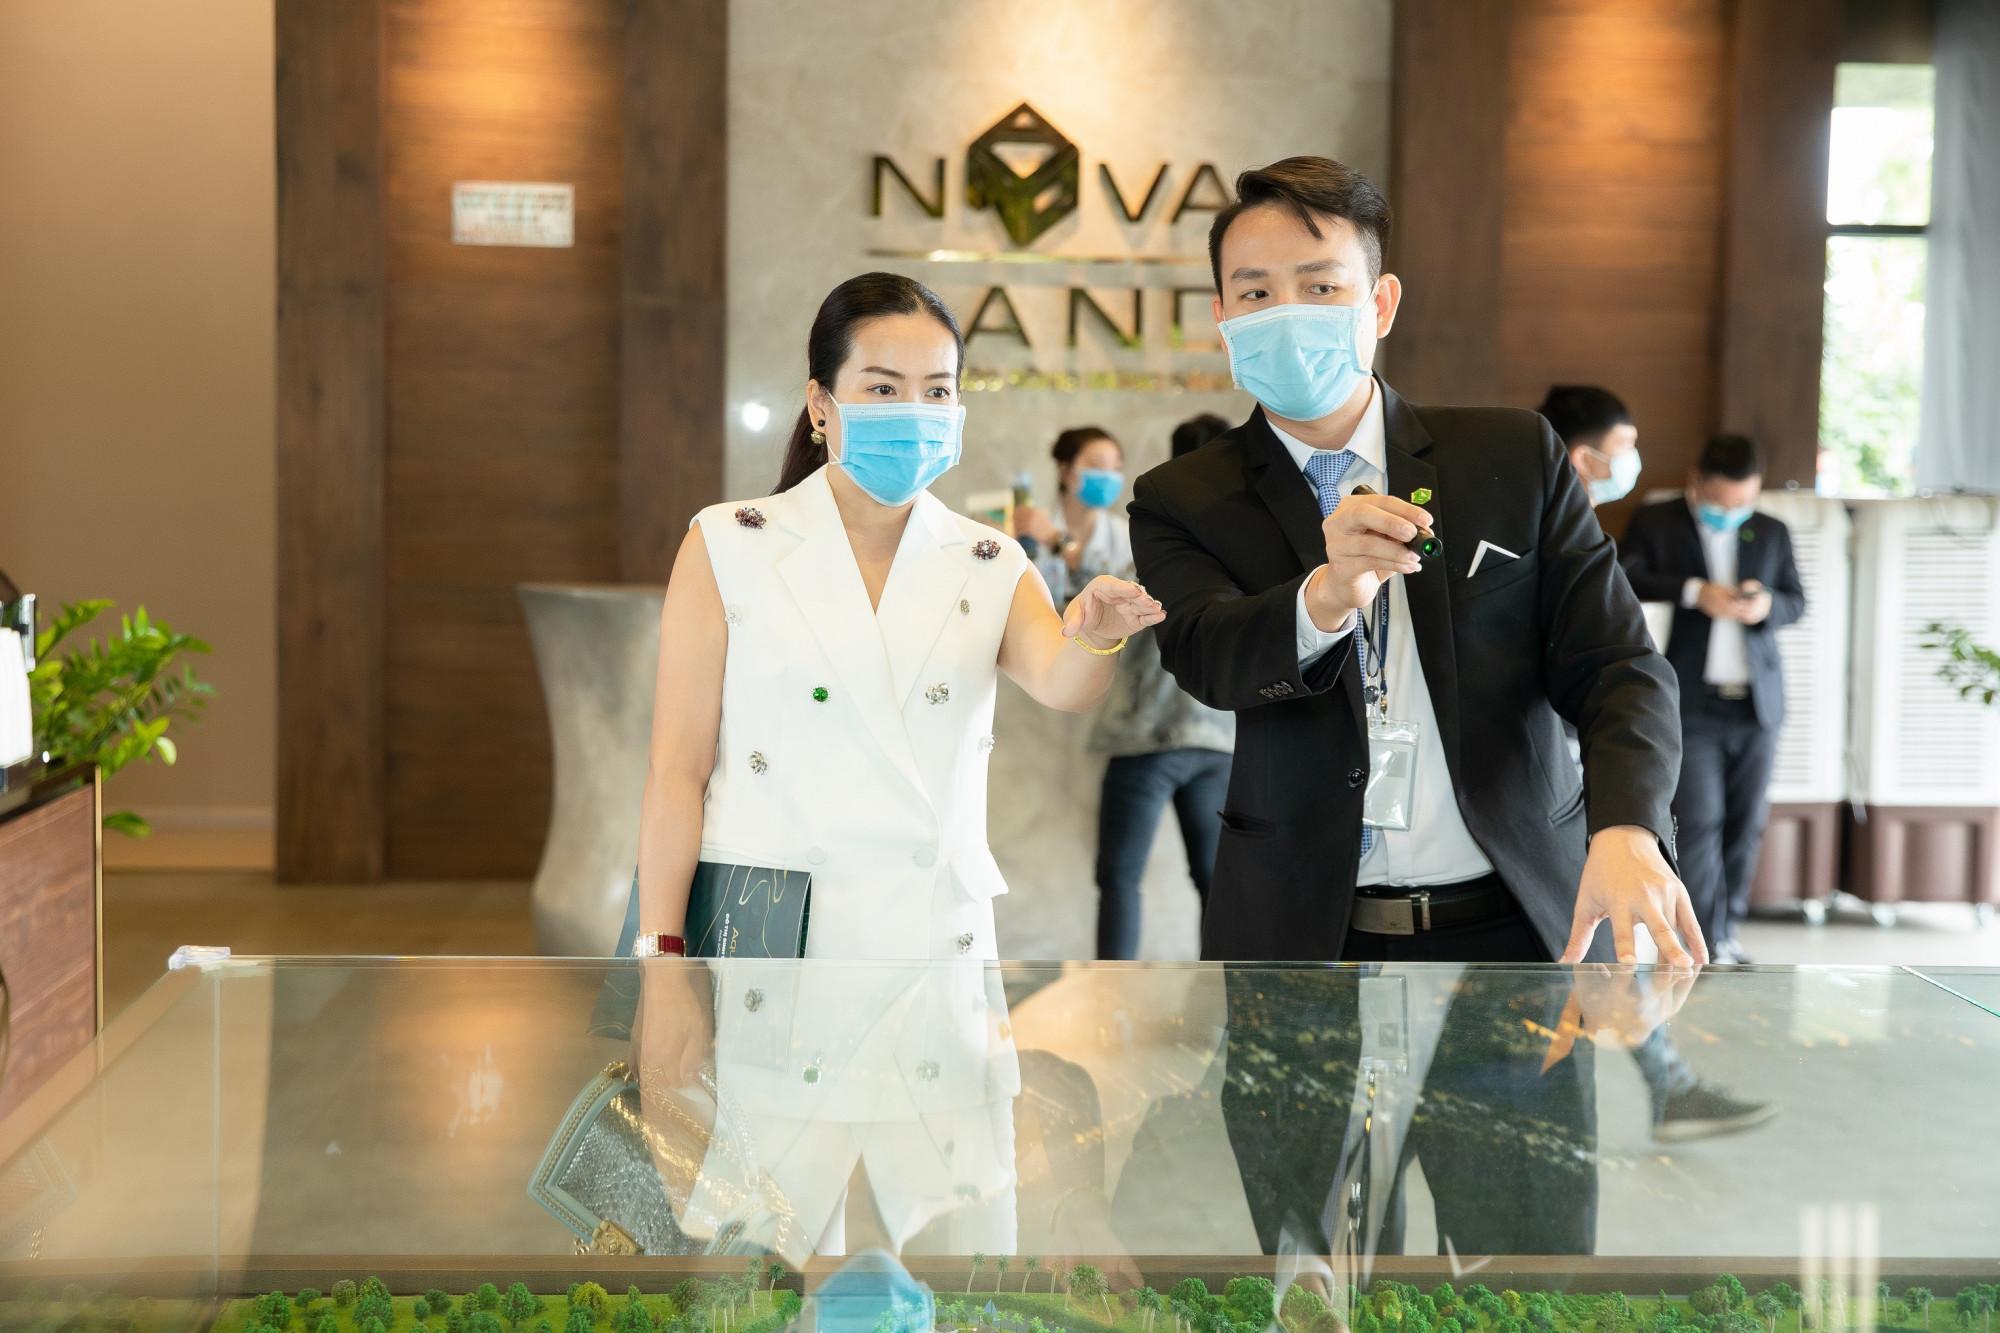 Bà xã của Bình Minh ấn tượng với không gian sống tại Aqua City trong chuyến tham quan giữa năm ngoái -  Ảnh: Novaland